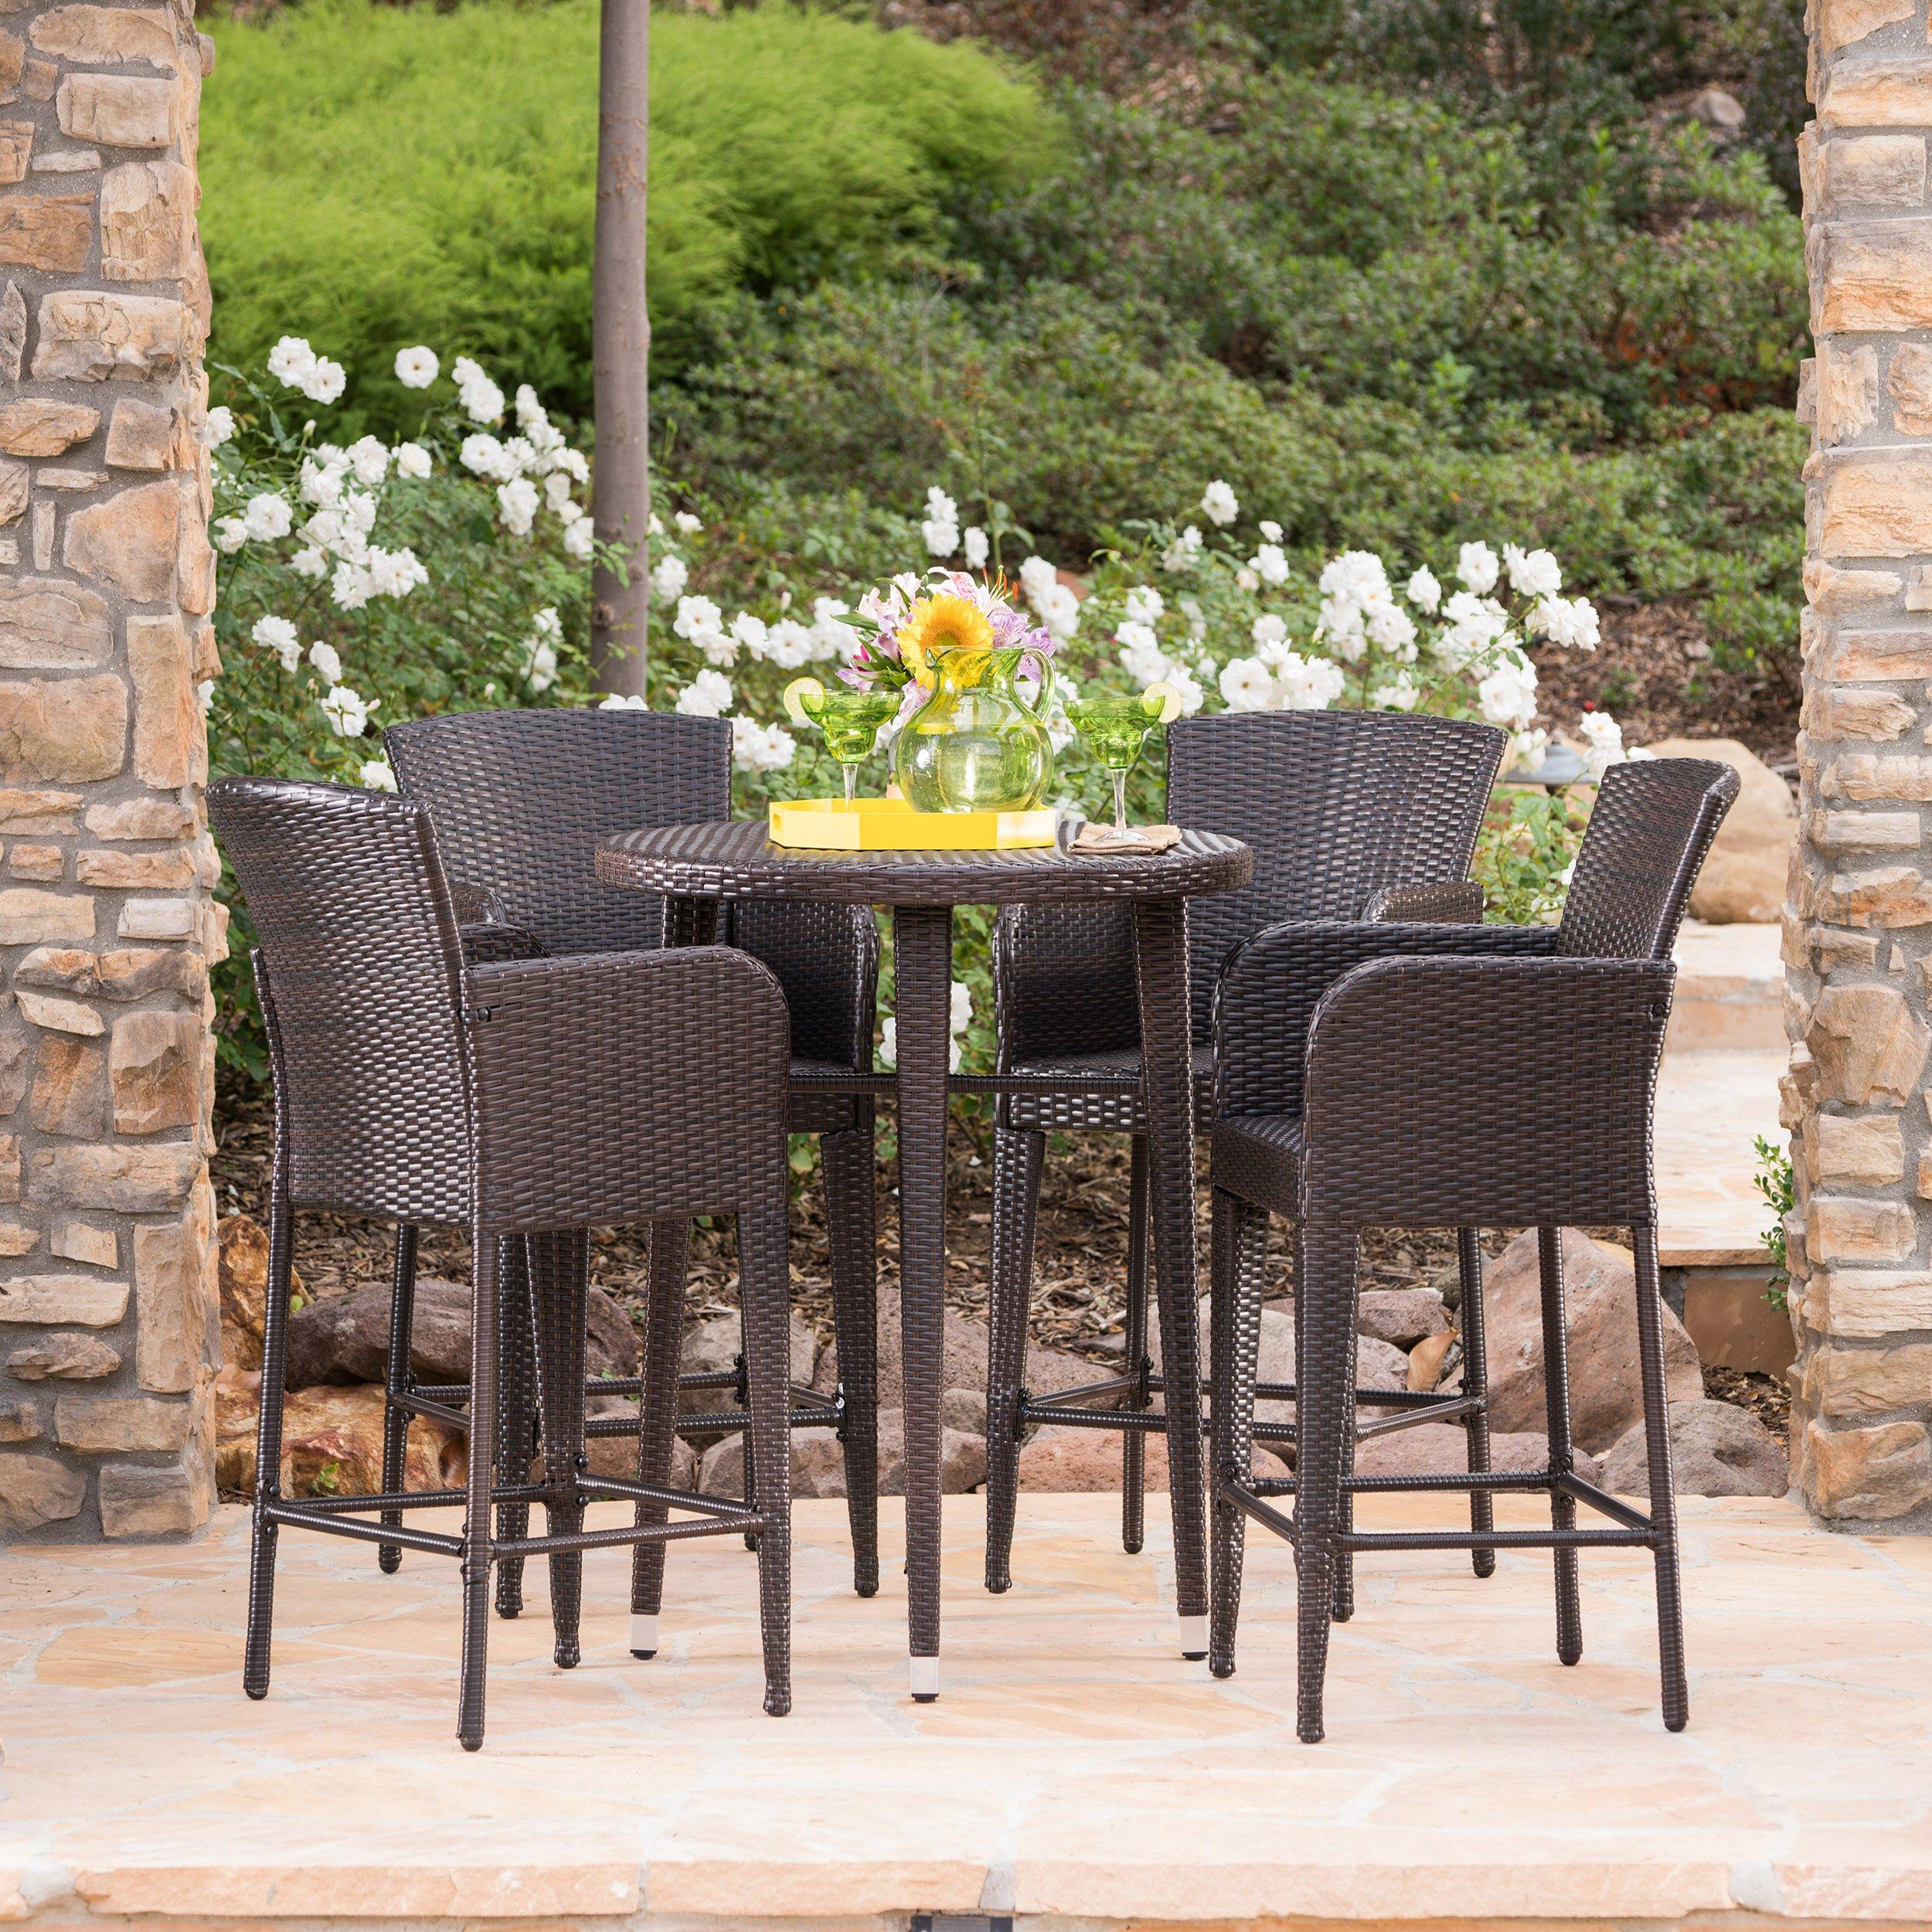 Cassum Outdoor 5 Piece Multibrown Wicker 32.5 Inch Round Bar Table Set